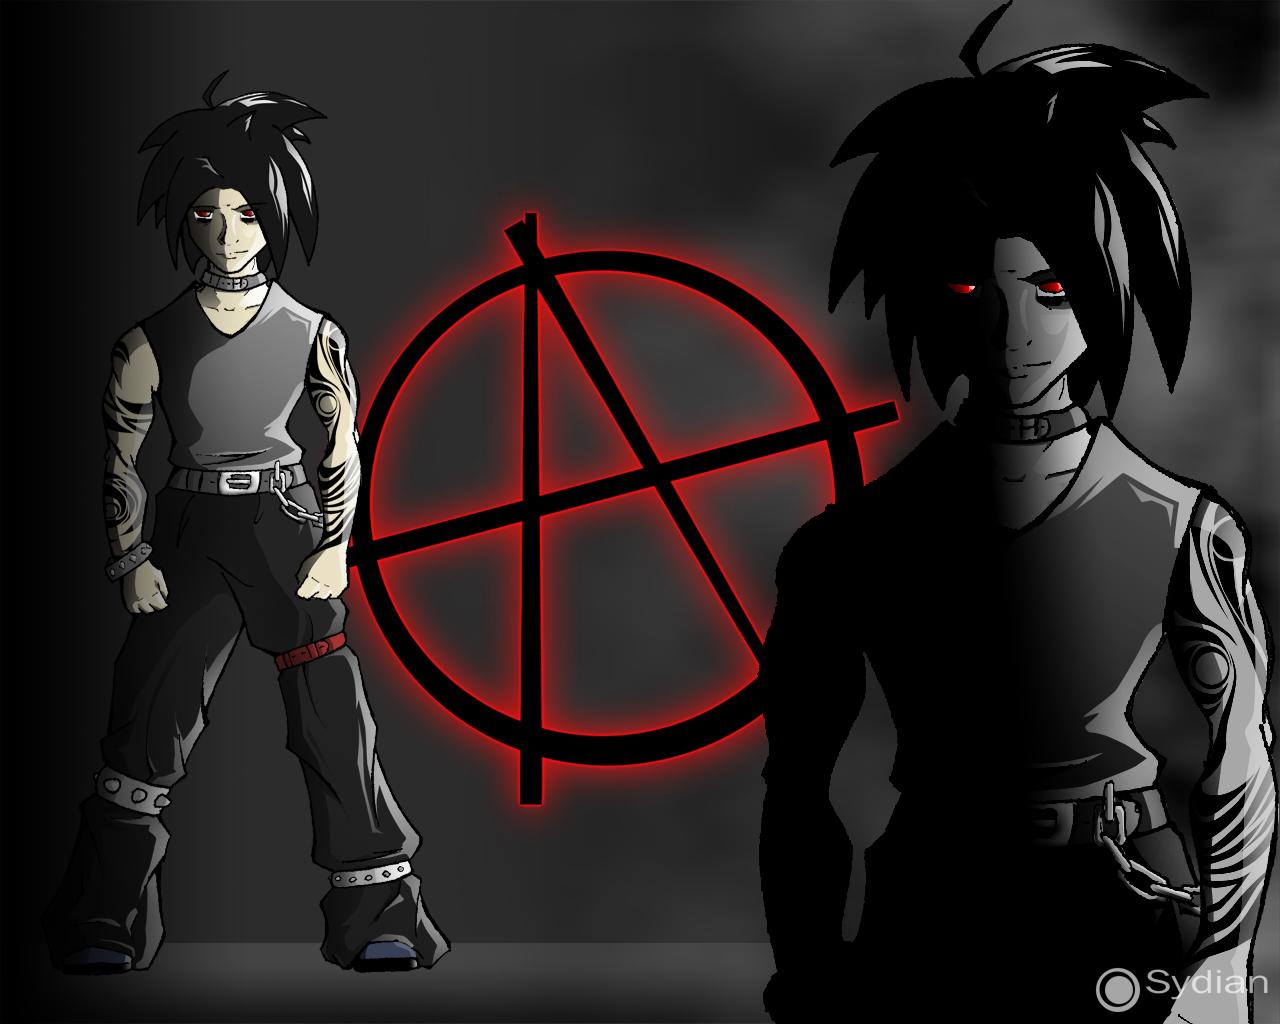 аватары анимированные со знаком анархии